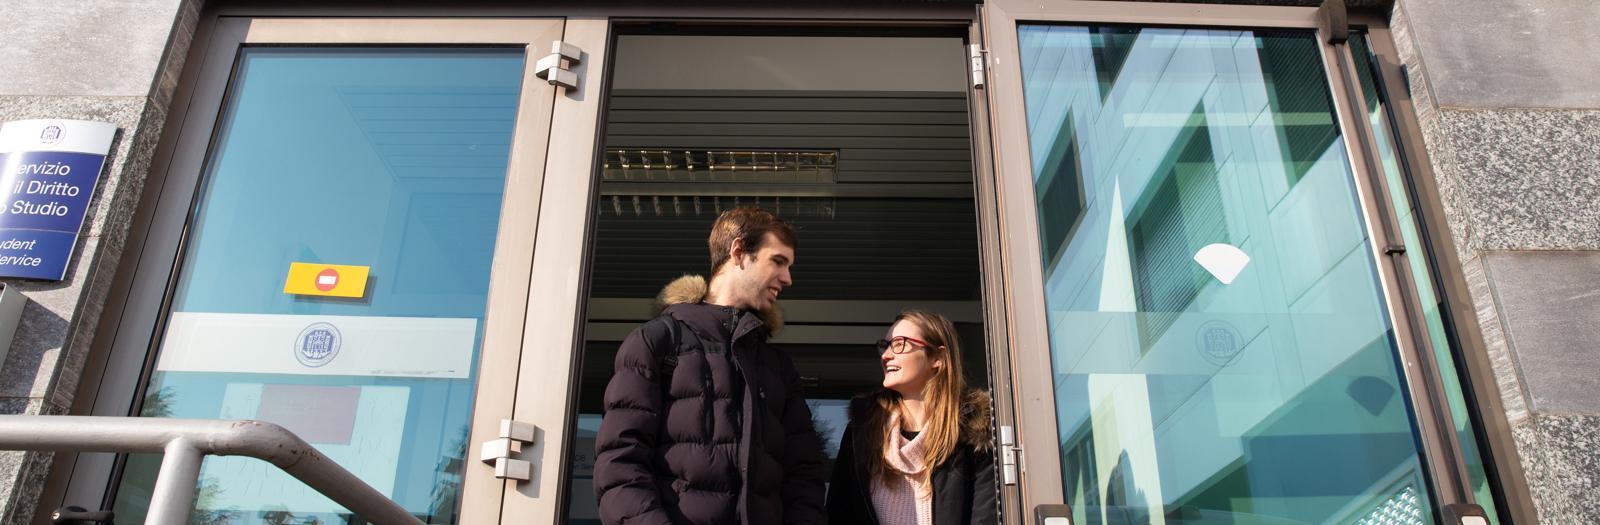 Studenti entrano nel Dipartimento Giurisprudenza